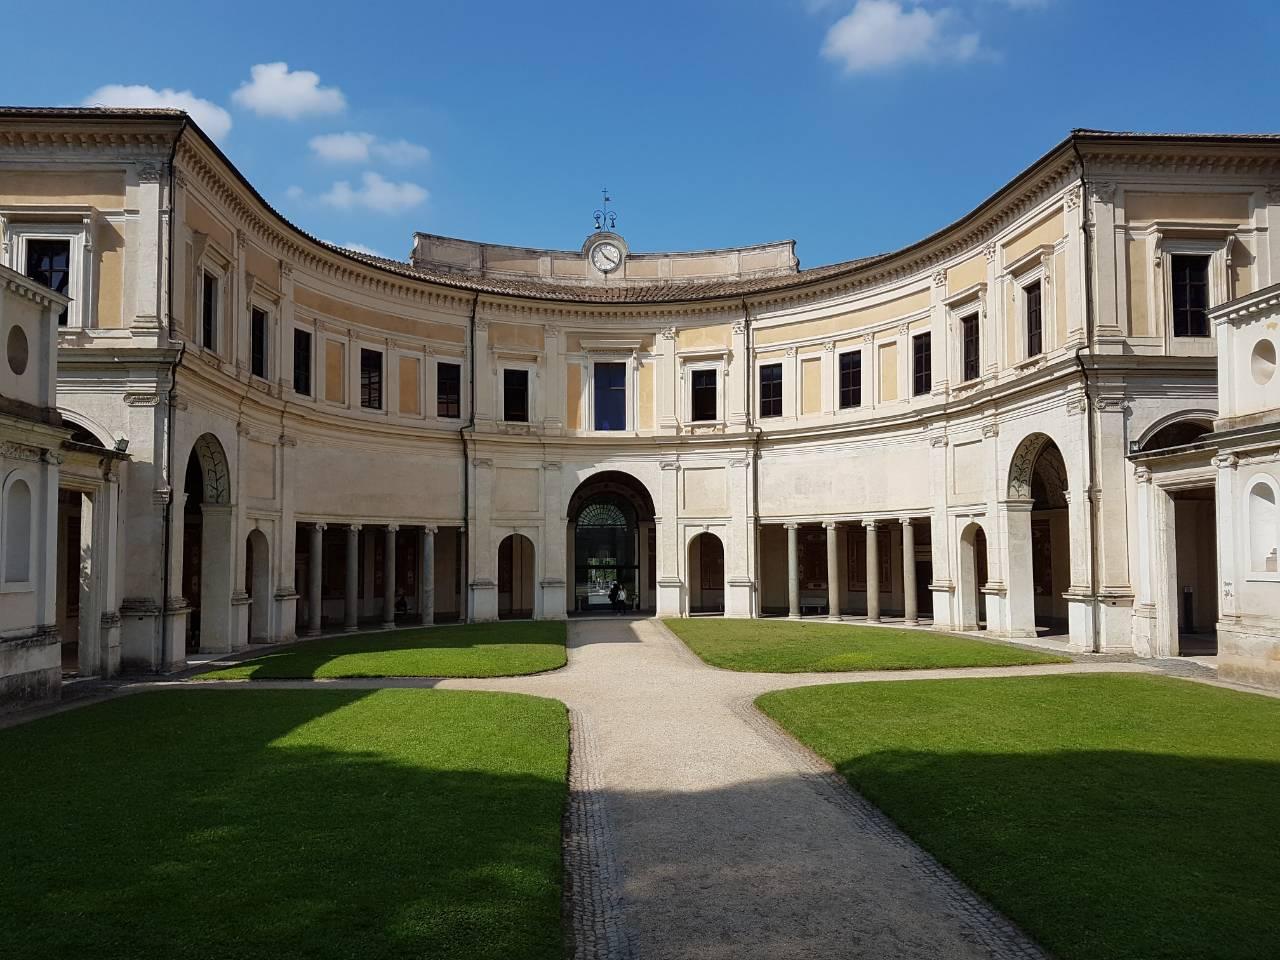 Вилла Юлия - этрусский музей в Риме